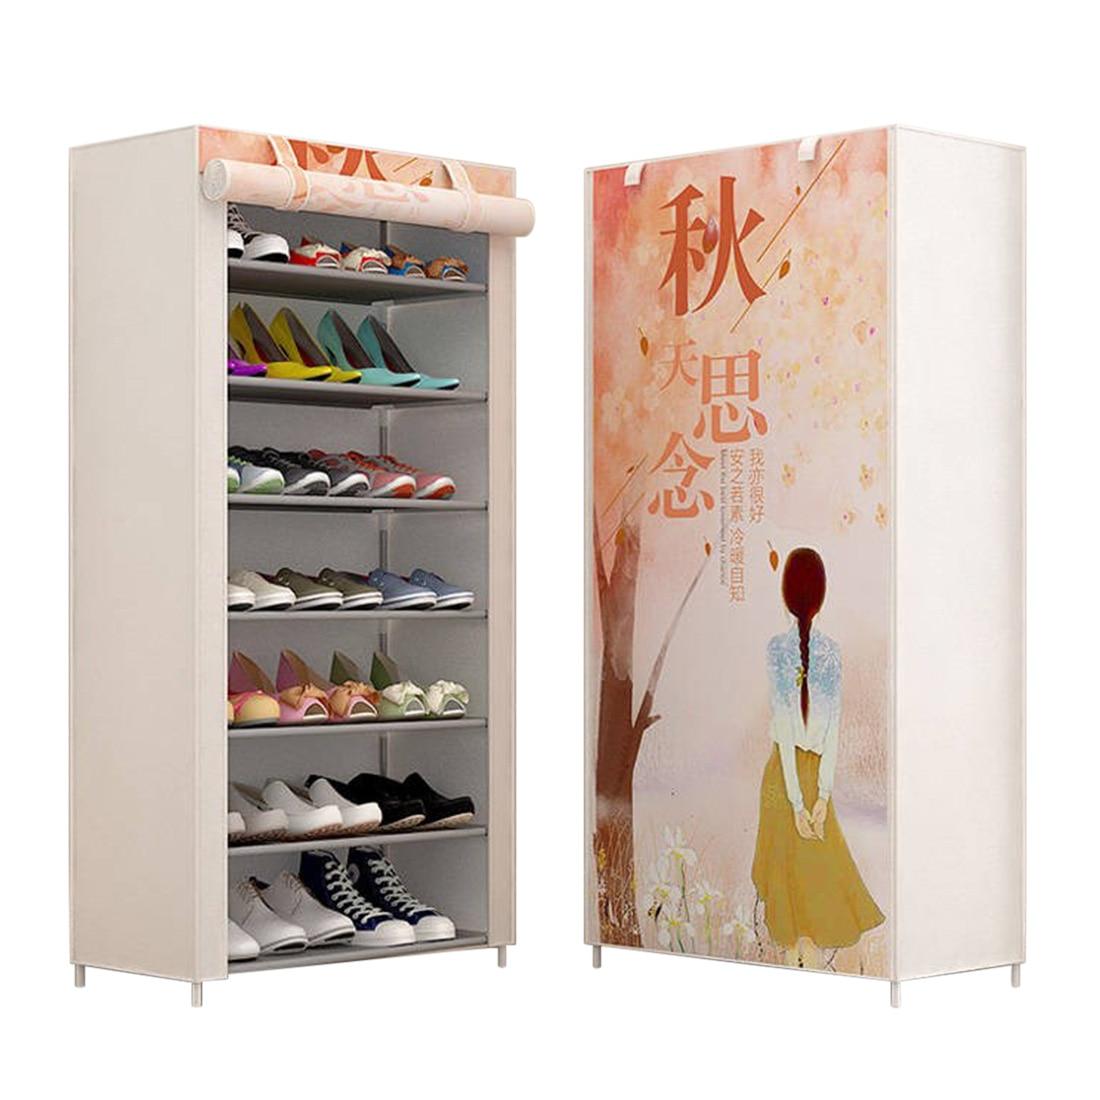 Hot 8 couches étagère à chaussures anti-poussière haute capacité stockage chaussure armoire étagère à chaussures maison étagère de rangement étagère organisateur-Miss automne